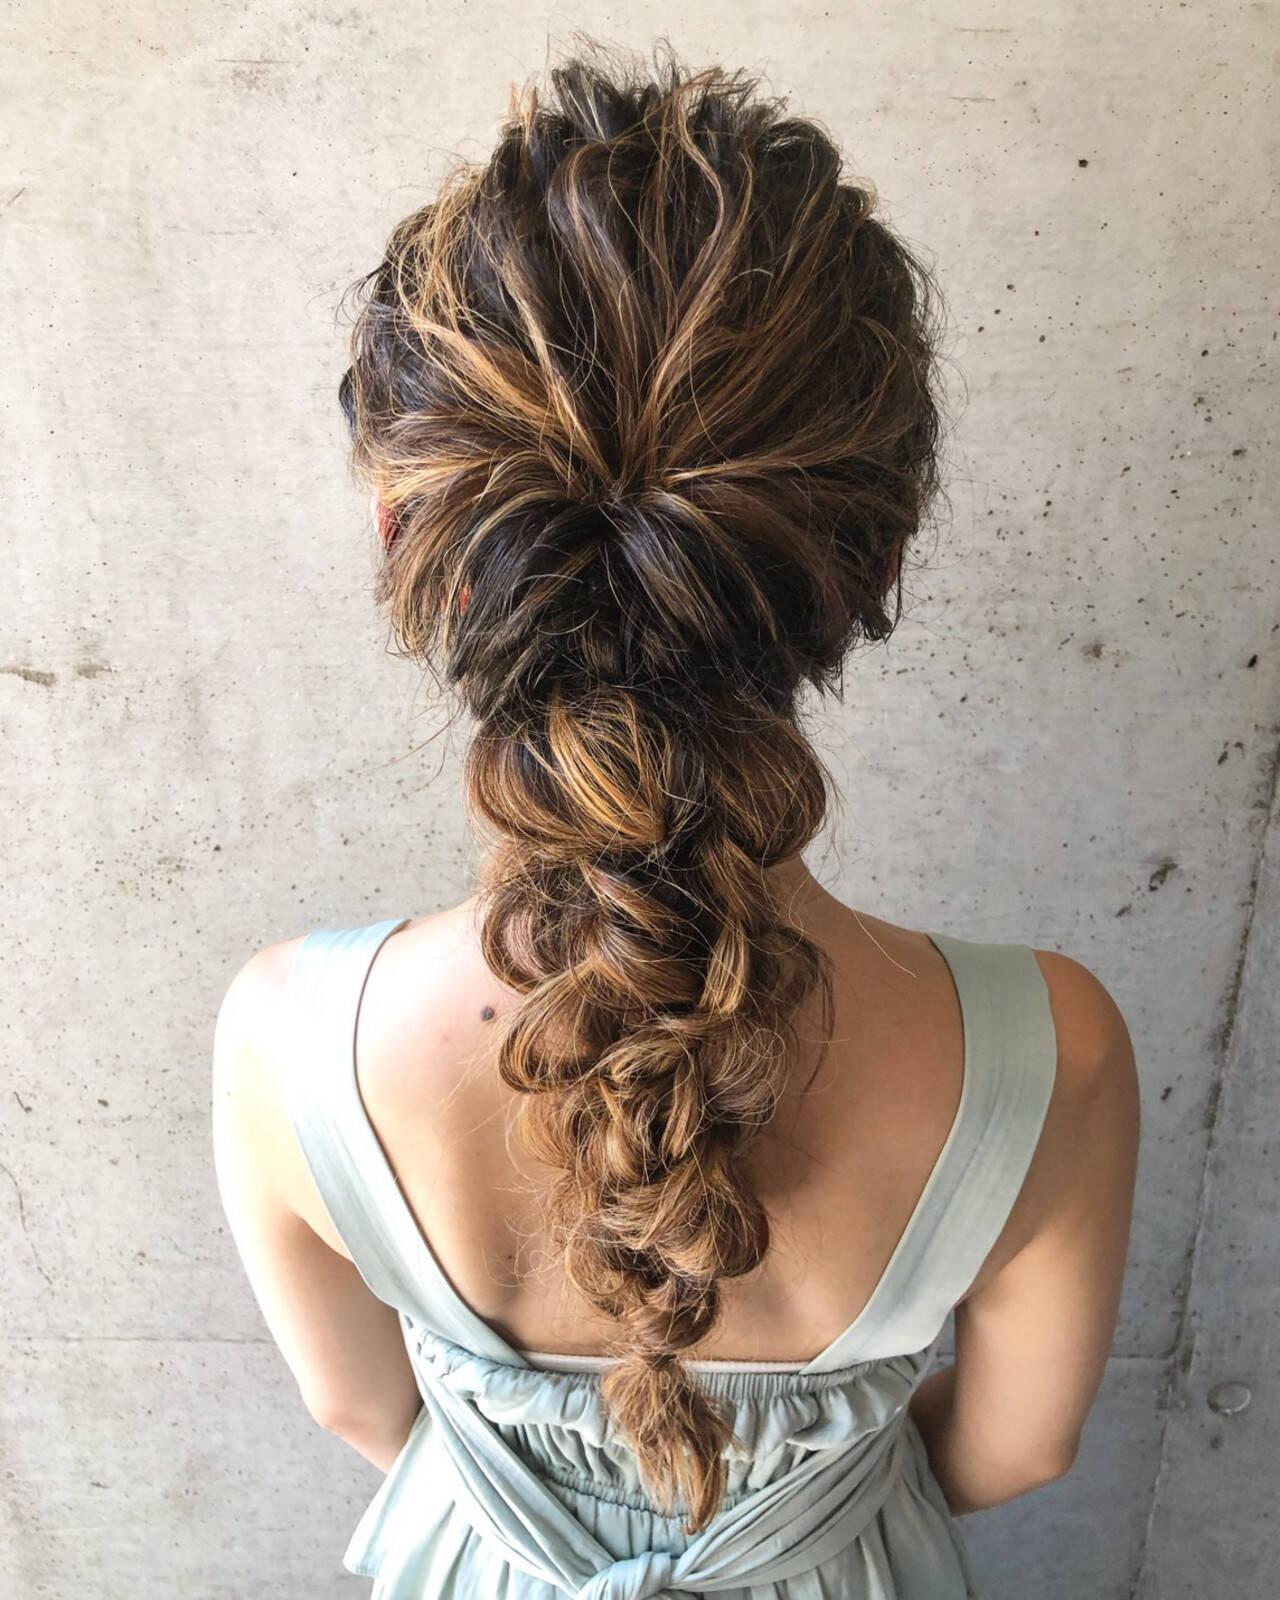 ヘアセット フェミニン ゆるふわセット ロングヘアスタイルや髪型の写真・画像